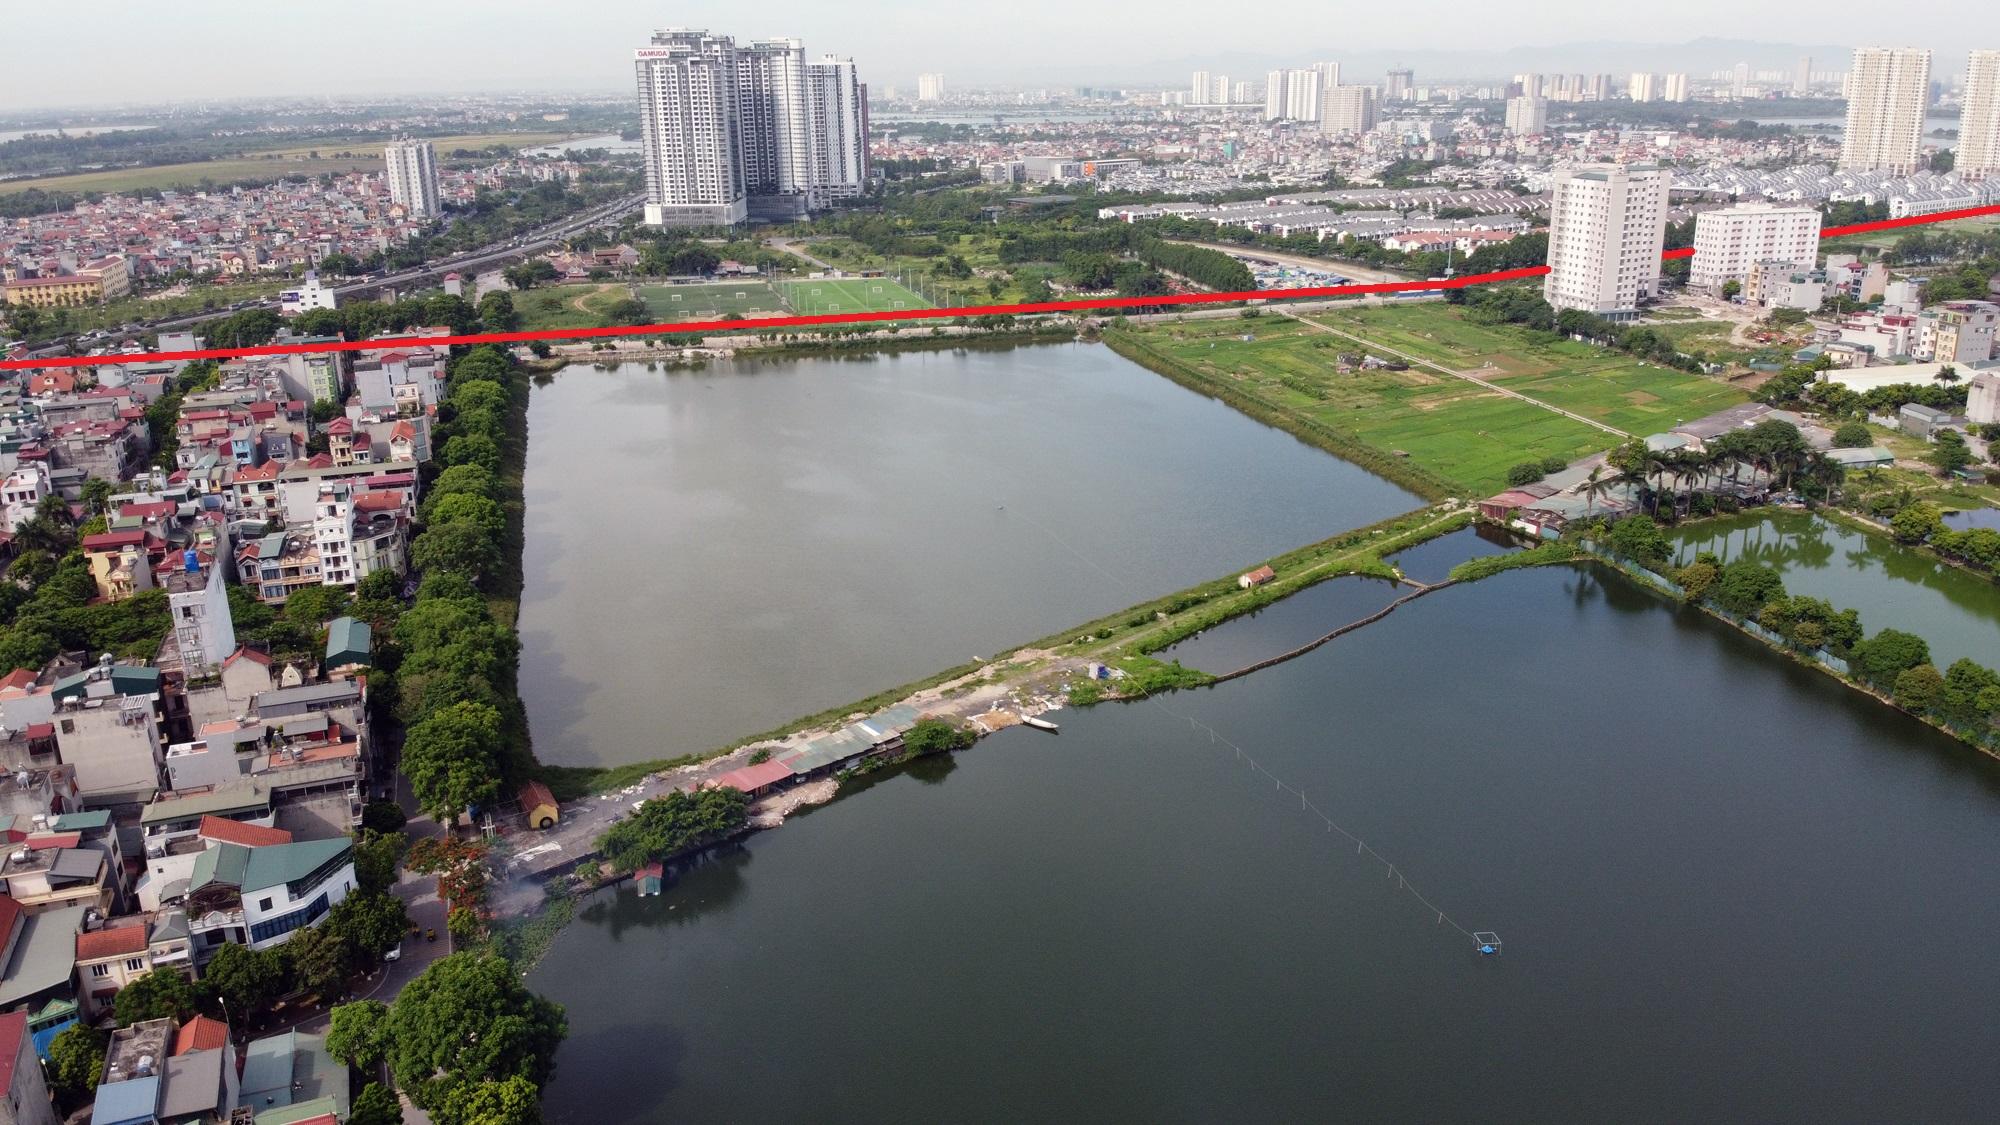 Hai con đường đưa loạt chung cư, biệt thự ra 'mặt tiền' ở phường Trần Phú, Yên Sở - Ảnh 13.